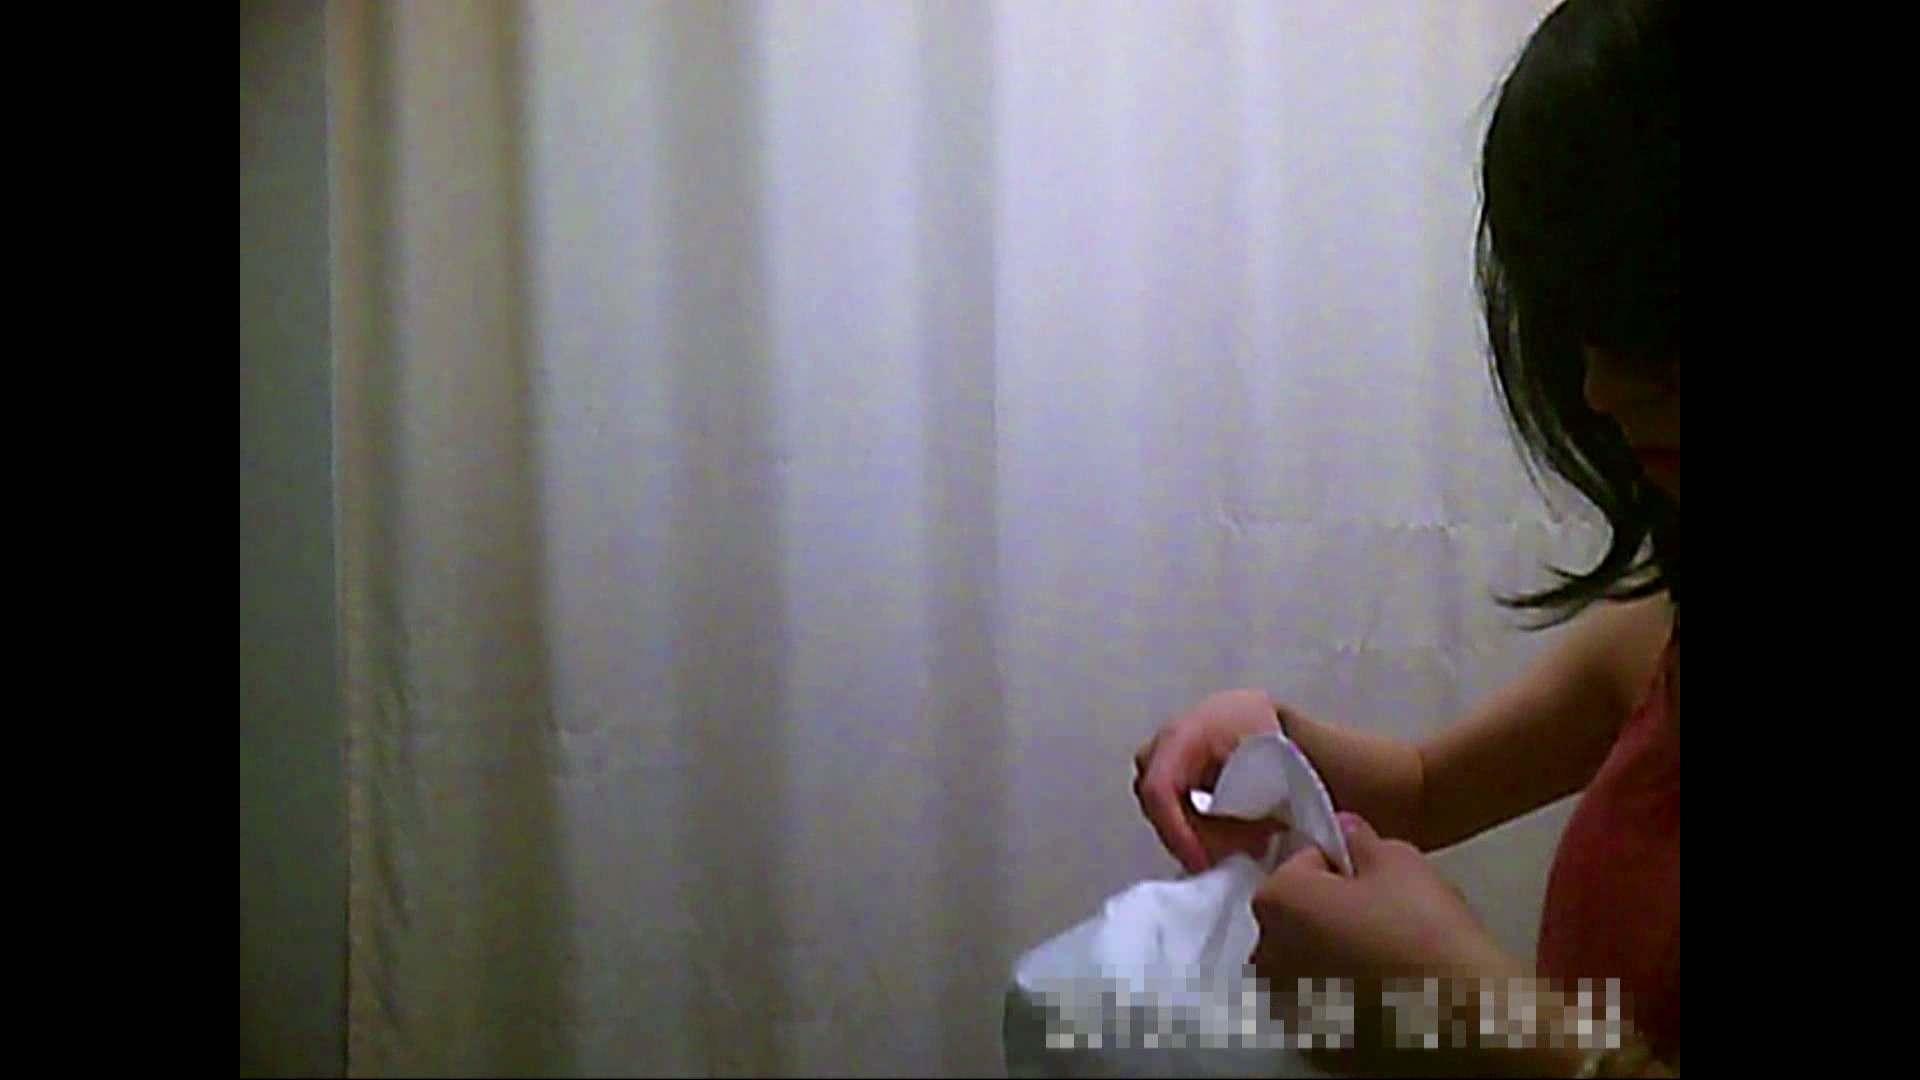 病院おもいっきり着替え! vol.199 乳首 戯れ無修正画像 96pic 88